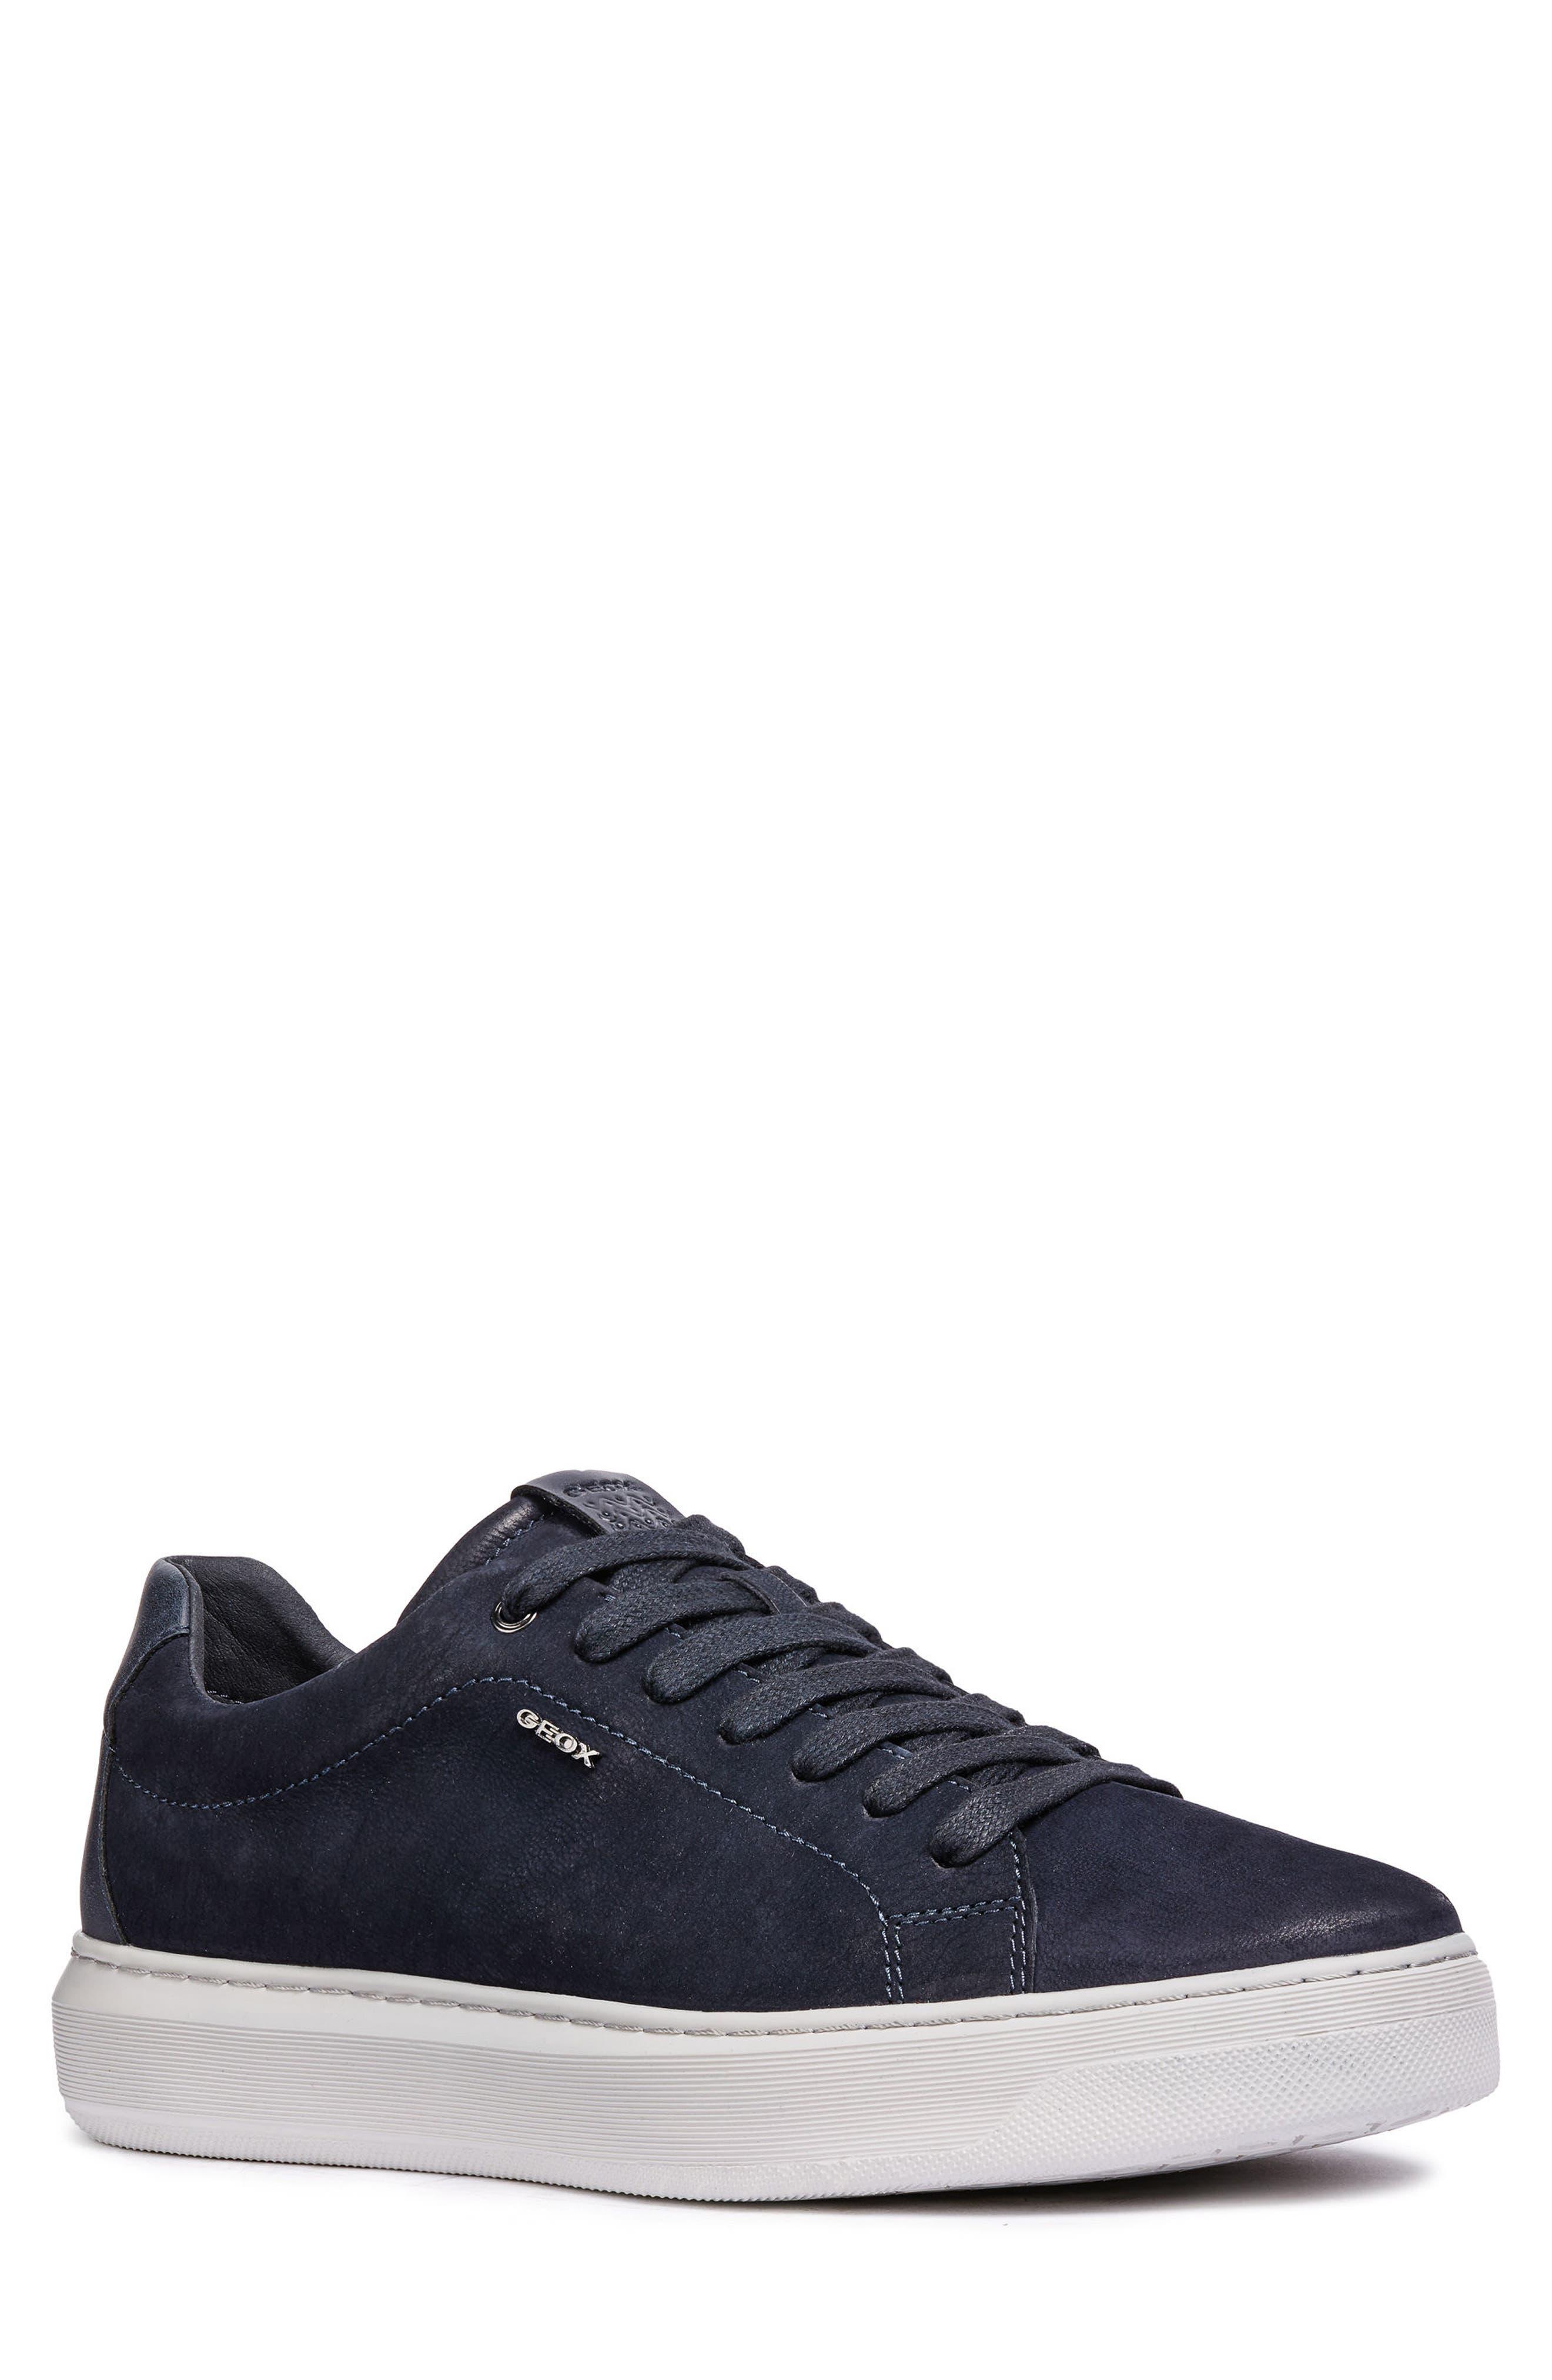 men's geox deiven 5 low top sneaker, size 10us / 43eu - blue